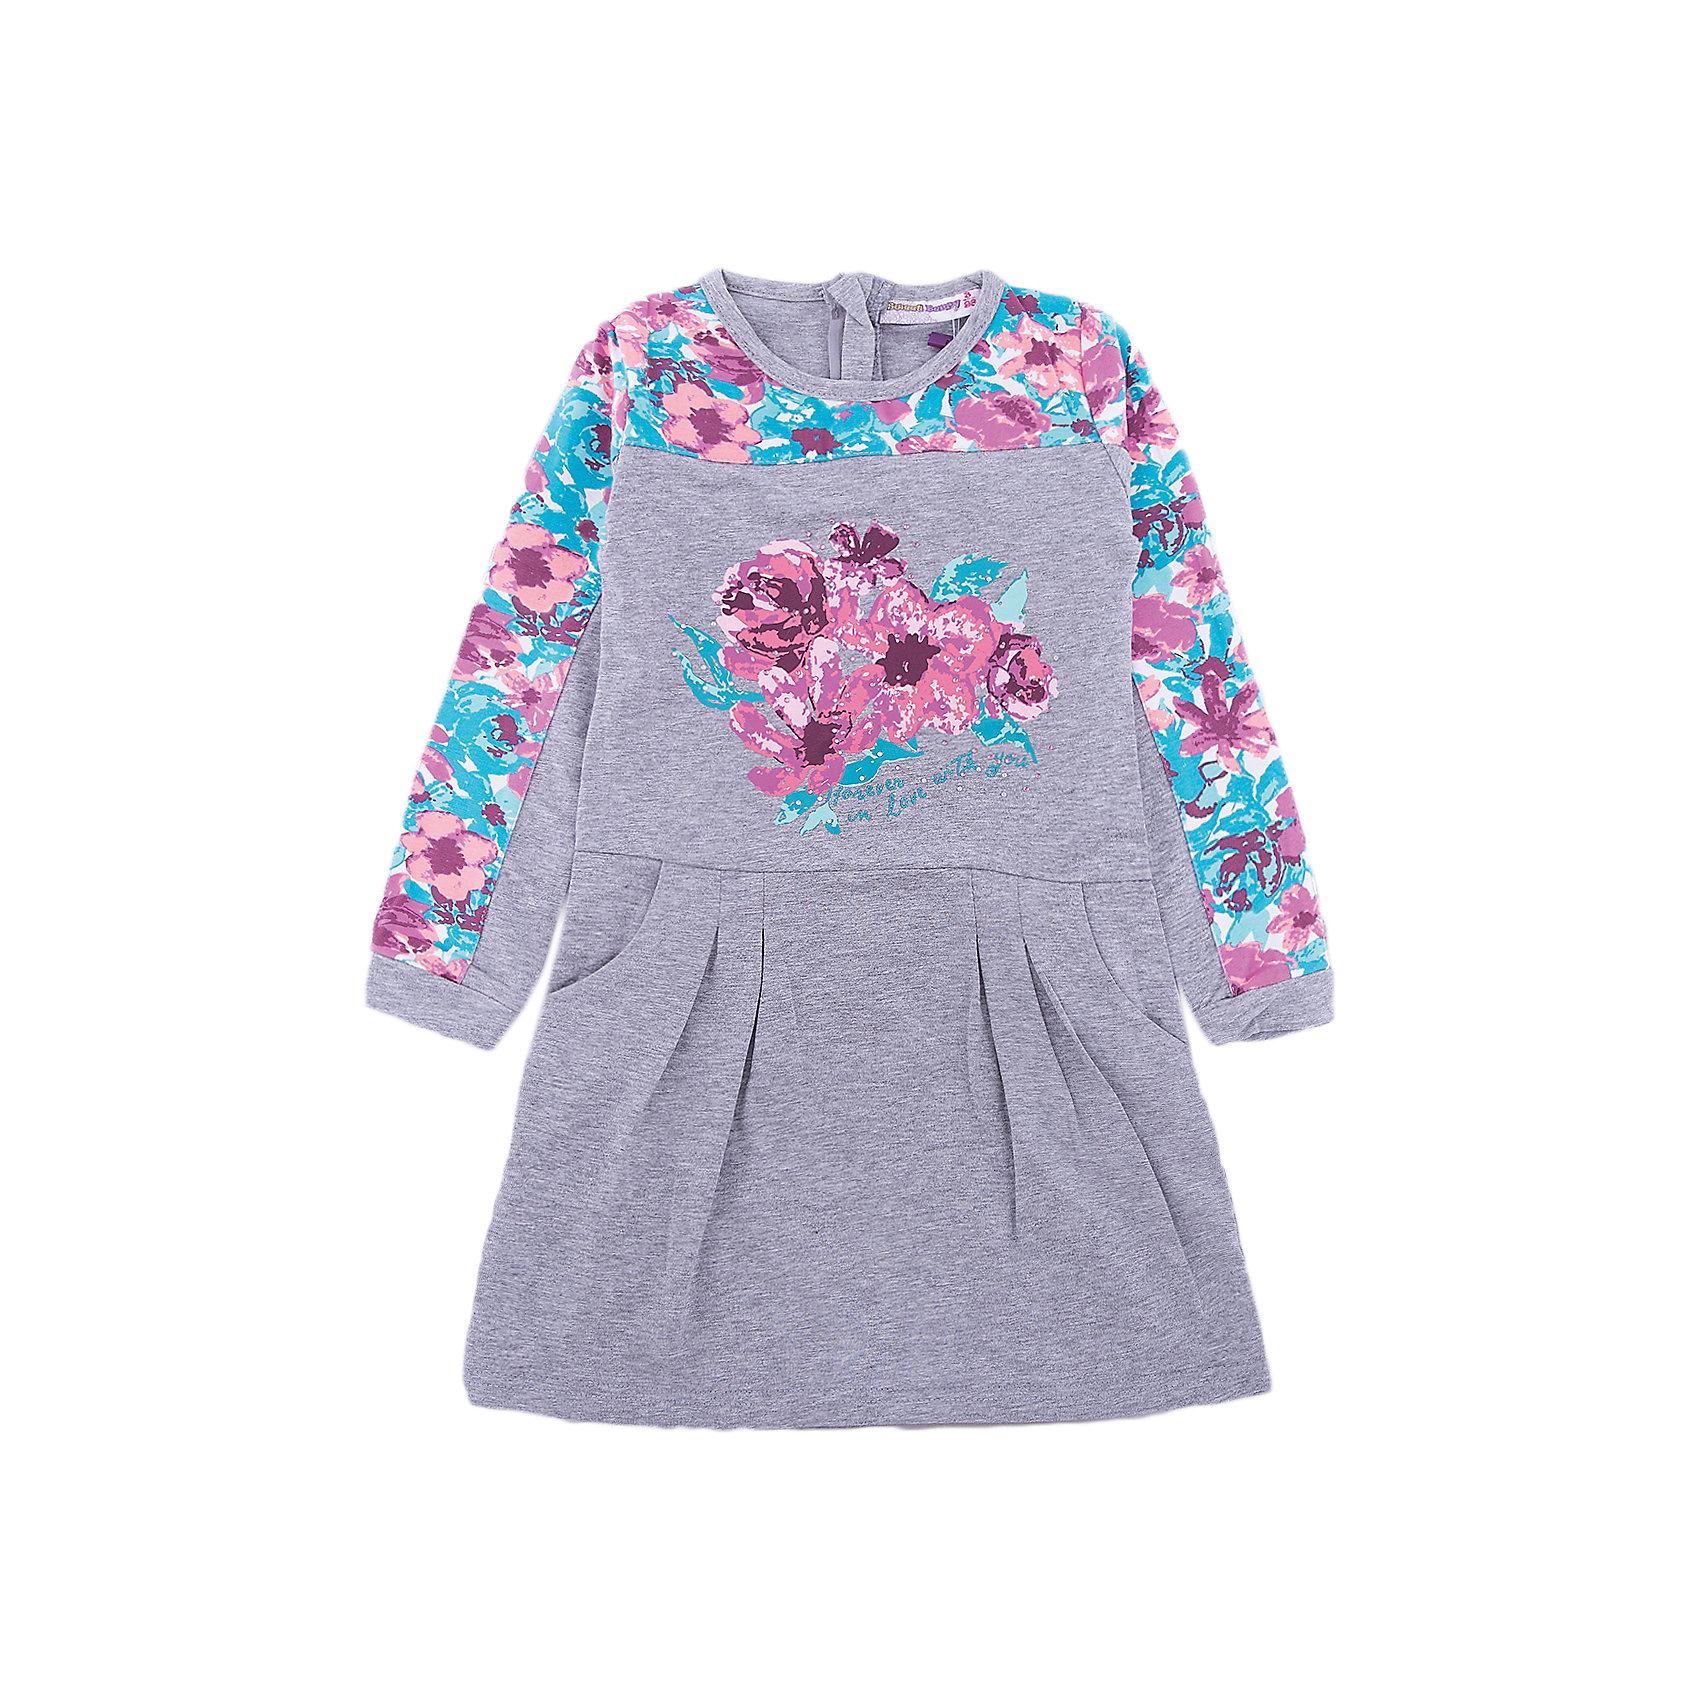 Платье Sweet Berry для девочкиПлатья и сарафаны<br>Платье Sweet Berry для девочки<br>Стильное трикотажное платье с длинным рукавом для девочки из хлопкового полотна декорированное цветочным принтом. Застегивается на потайную молнию.<br>Состав:<br>95% хлопок, 5% эластан<br><br>Ширина мм: 236<br>Глубина мм: 16<br>Высота мм: 184<br>Вес г: 177<br>Цвет: серый<br>Возраст от месяцев: 24<br>Возраст до месяцев: 36<br>Пол: Женский<br>Возраст: Детский<br>Размер: 98,128,122,116,110,104<br>SKU: 7093971